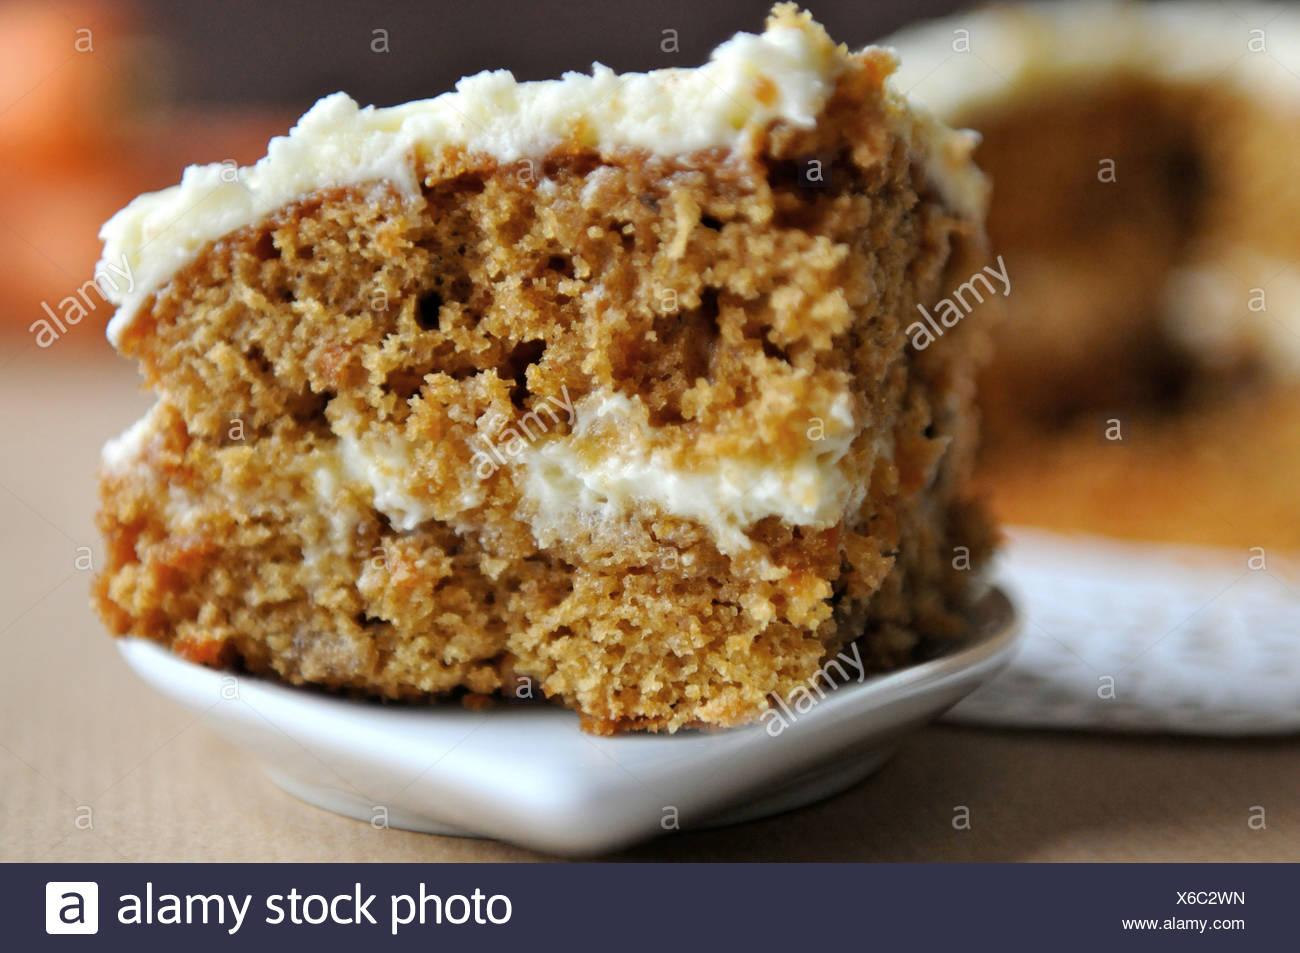 Un único trozo de pastel de zanahoria en una placa blanca. Imagen De Stock